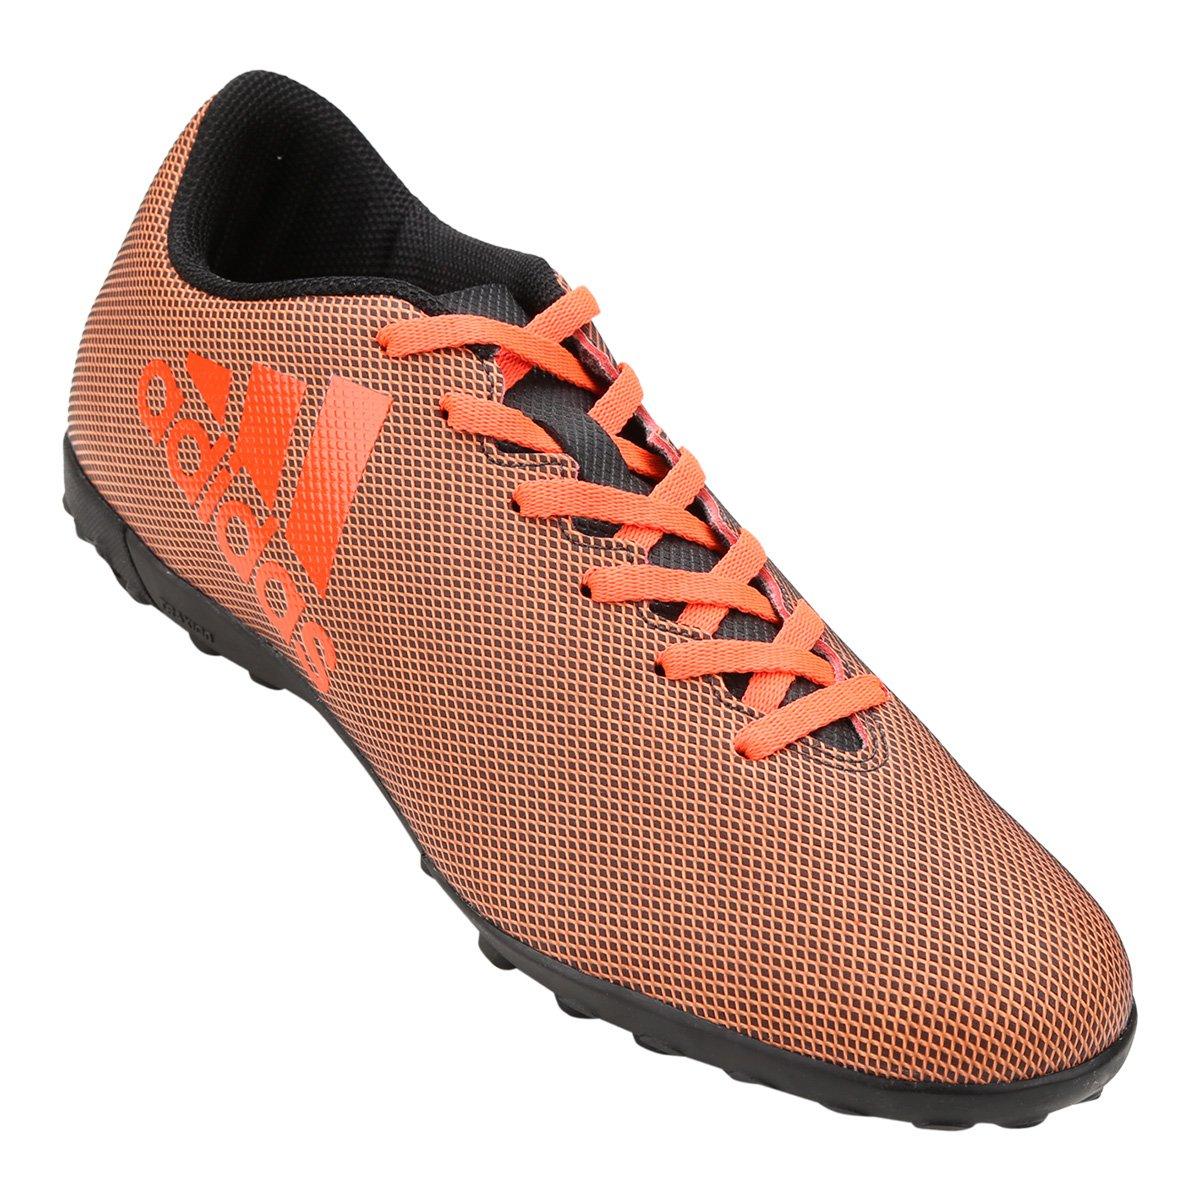 Chuteira Society Adidas X 17.4 TF - Compre Agora  089a1887019a0